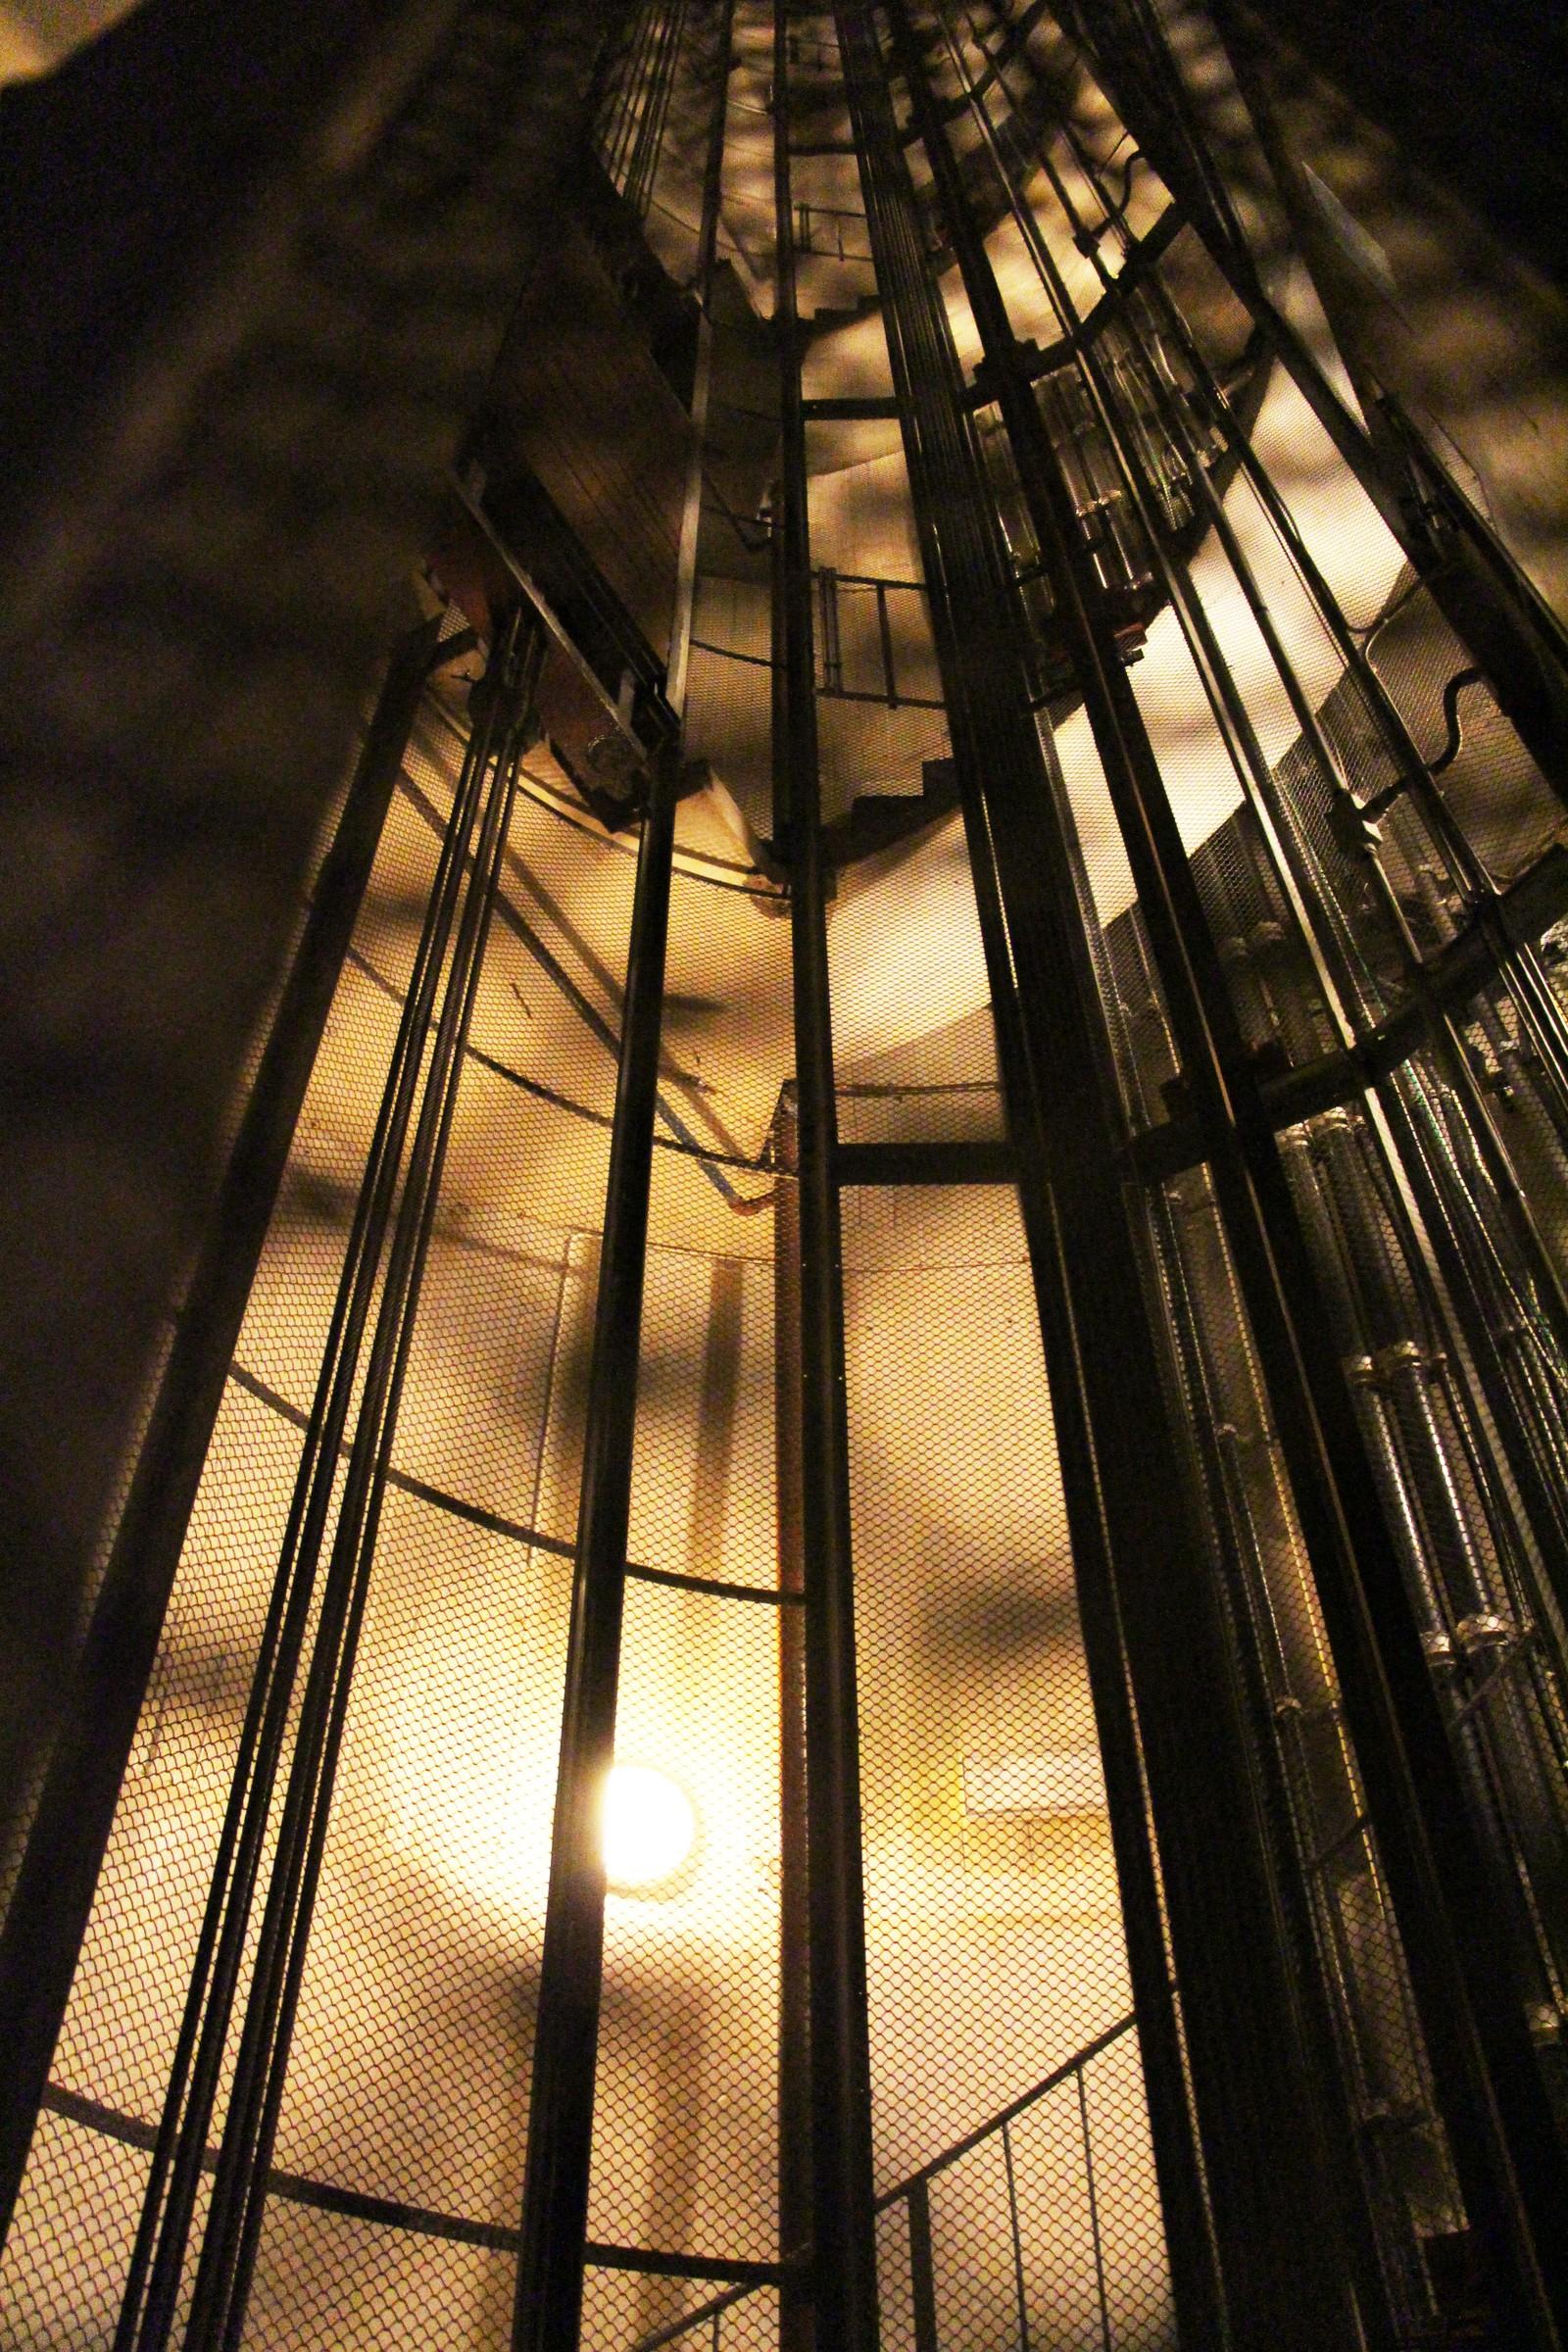 Trappa snor seg opp langs veggen inni Tryvannstårnet, mens heisen (som ikke lenger virker) går i midten.